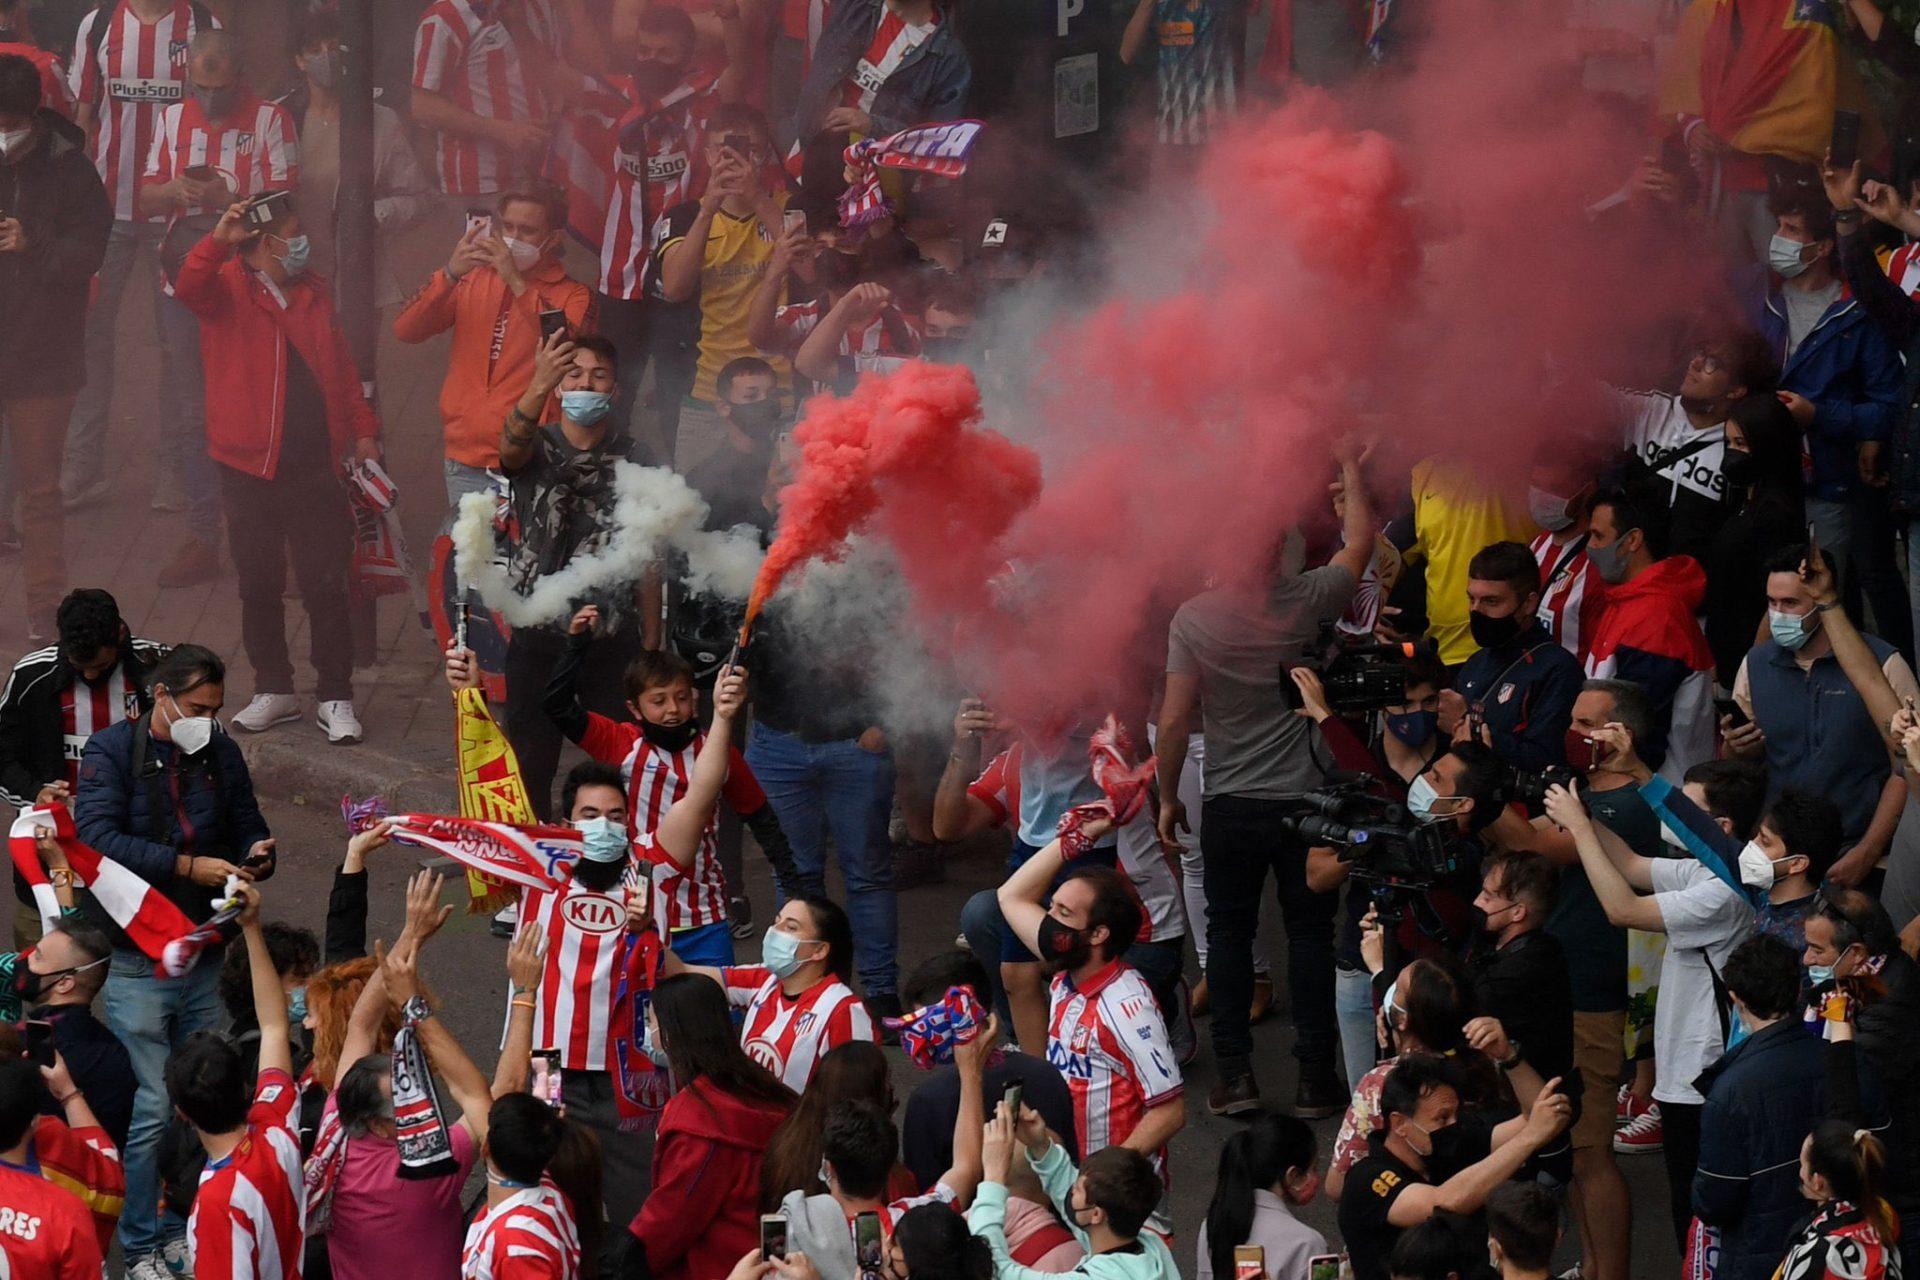 وفاة أحد مشجعي فريق أتلتيكو مدريد في الدوري الإسباني